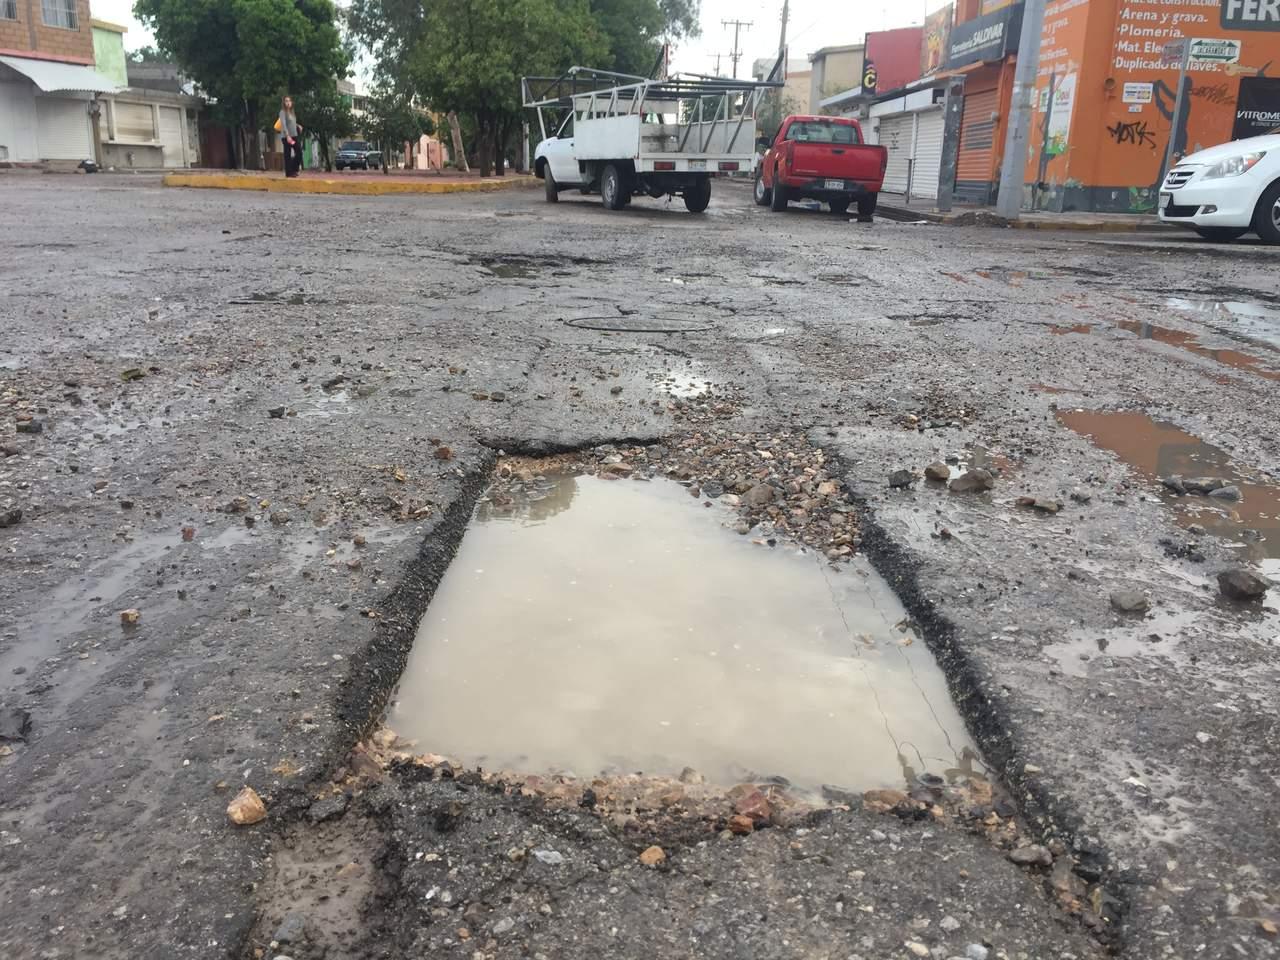 Resultado de imagen para PASEO DE LOS ALAMOS JACARANDAS